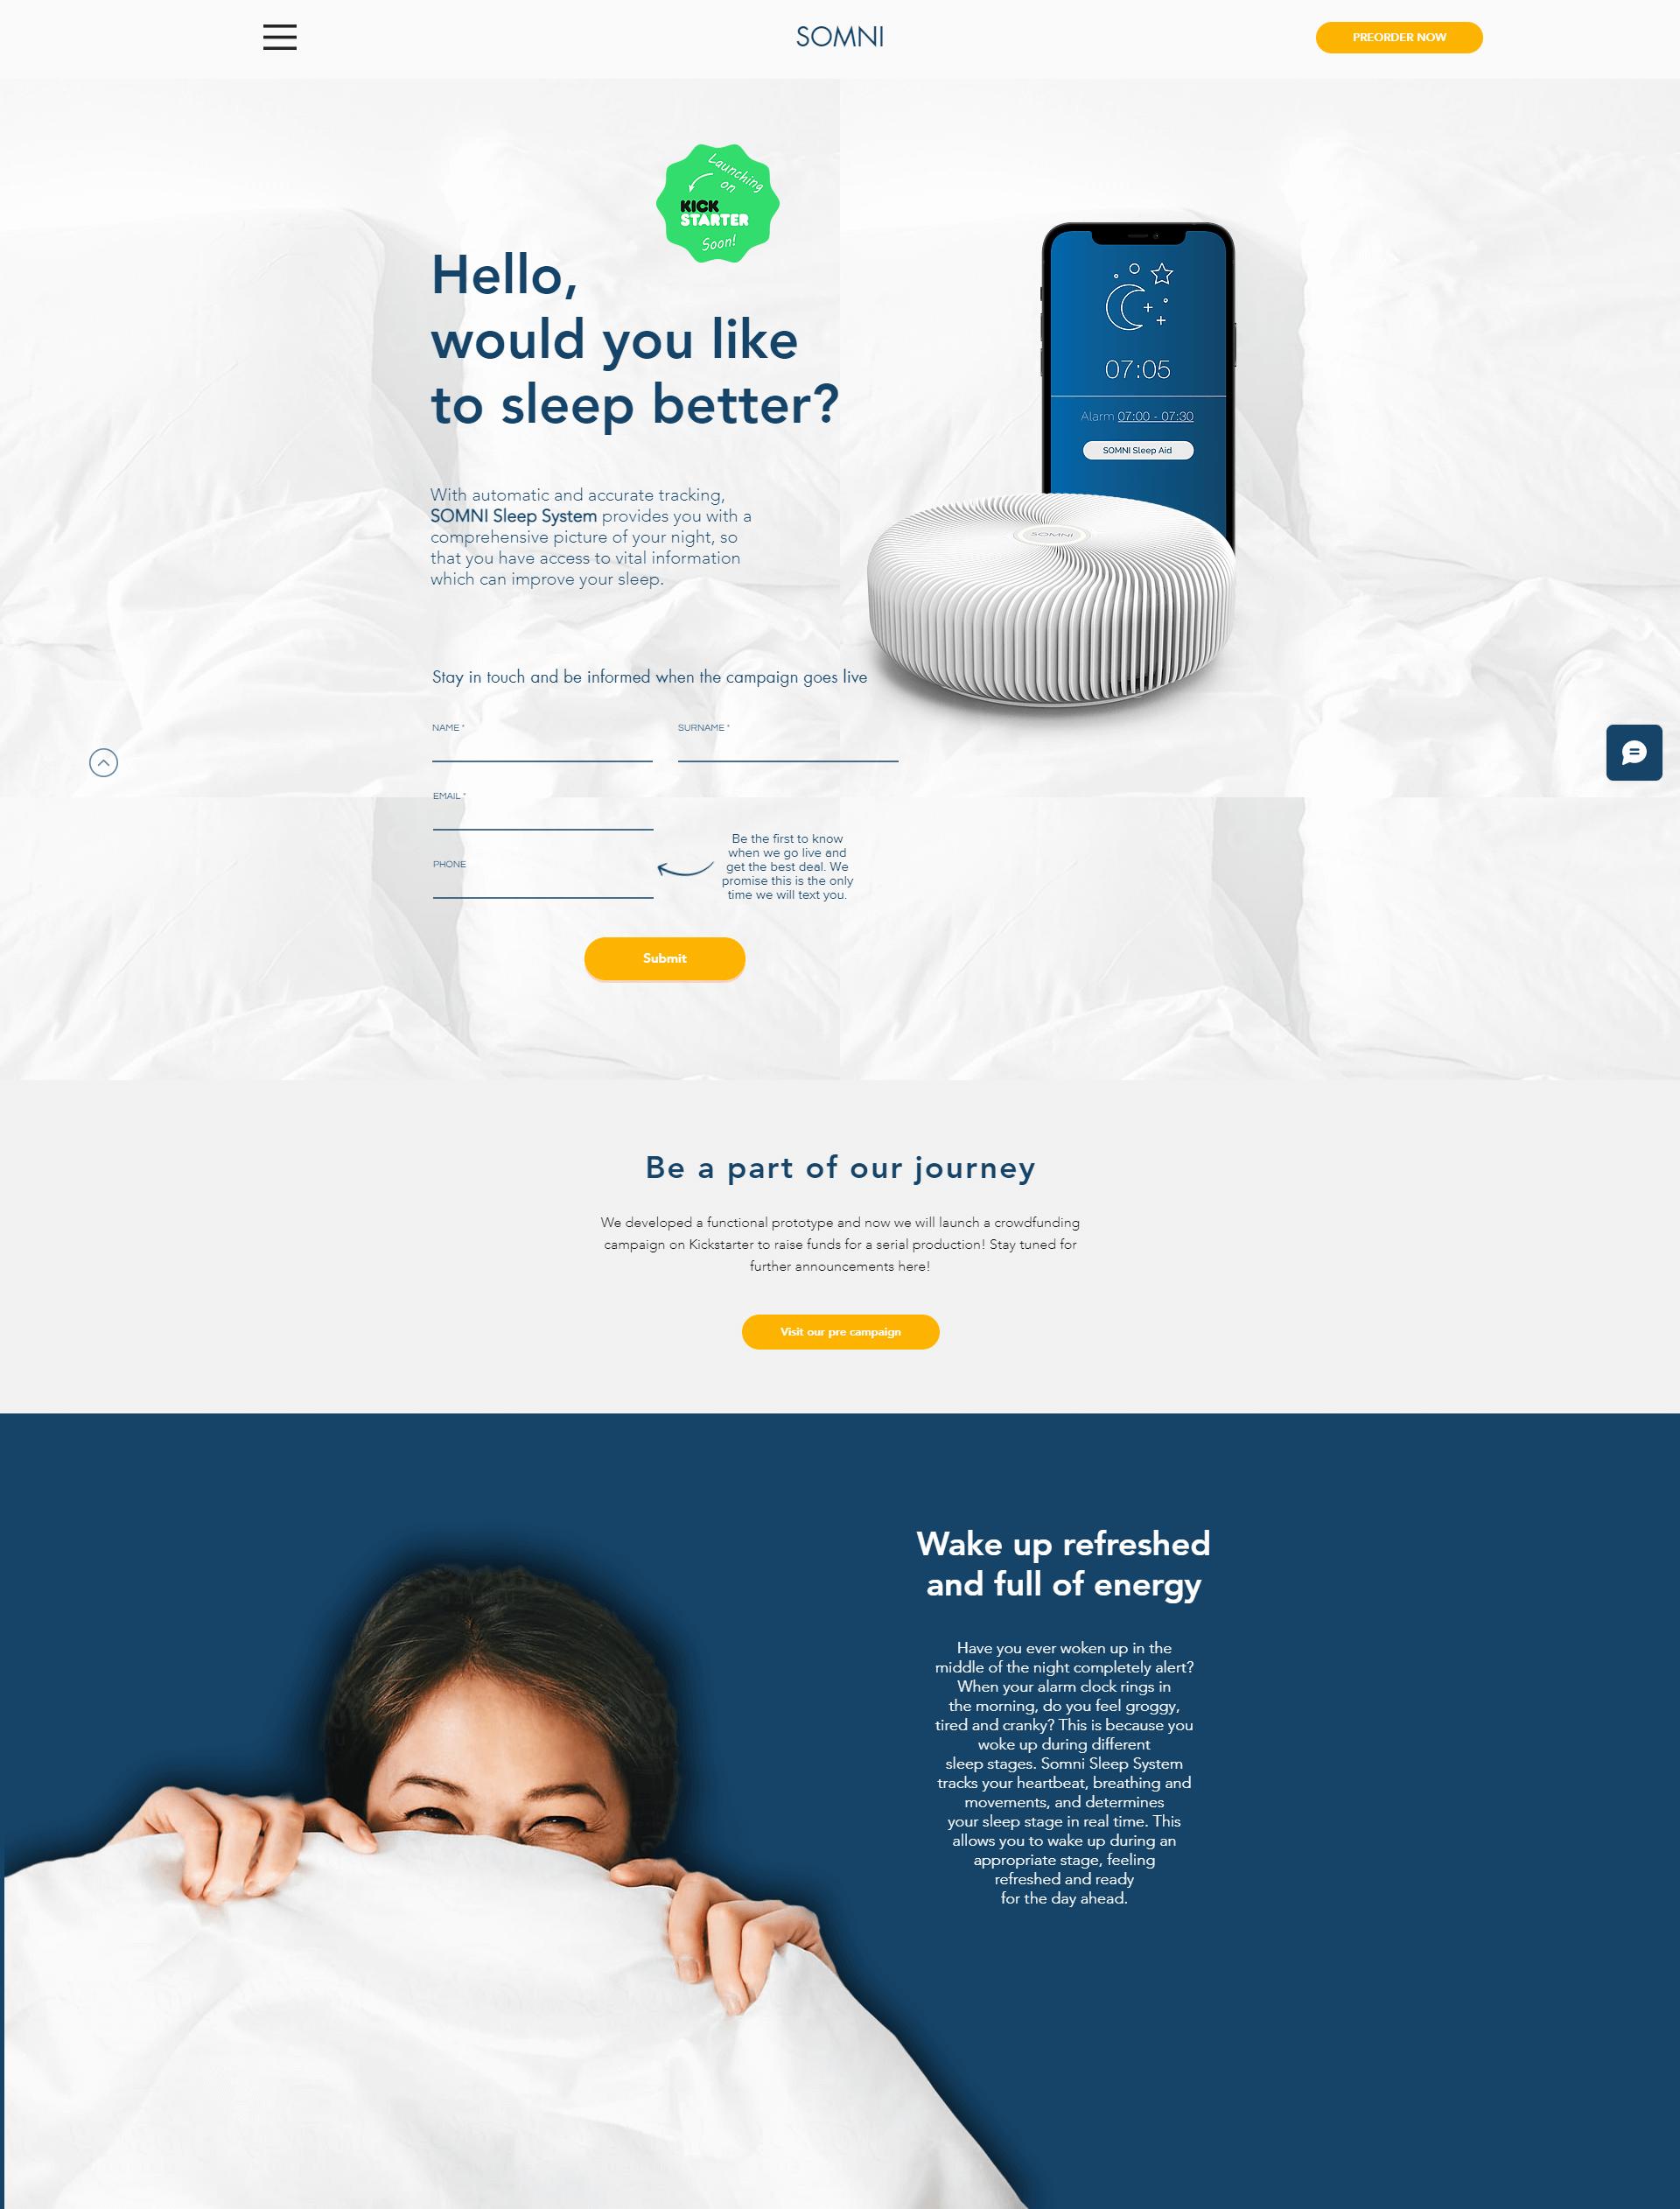 somni sleep landing page